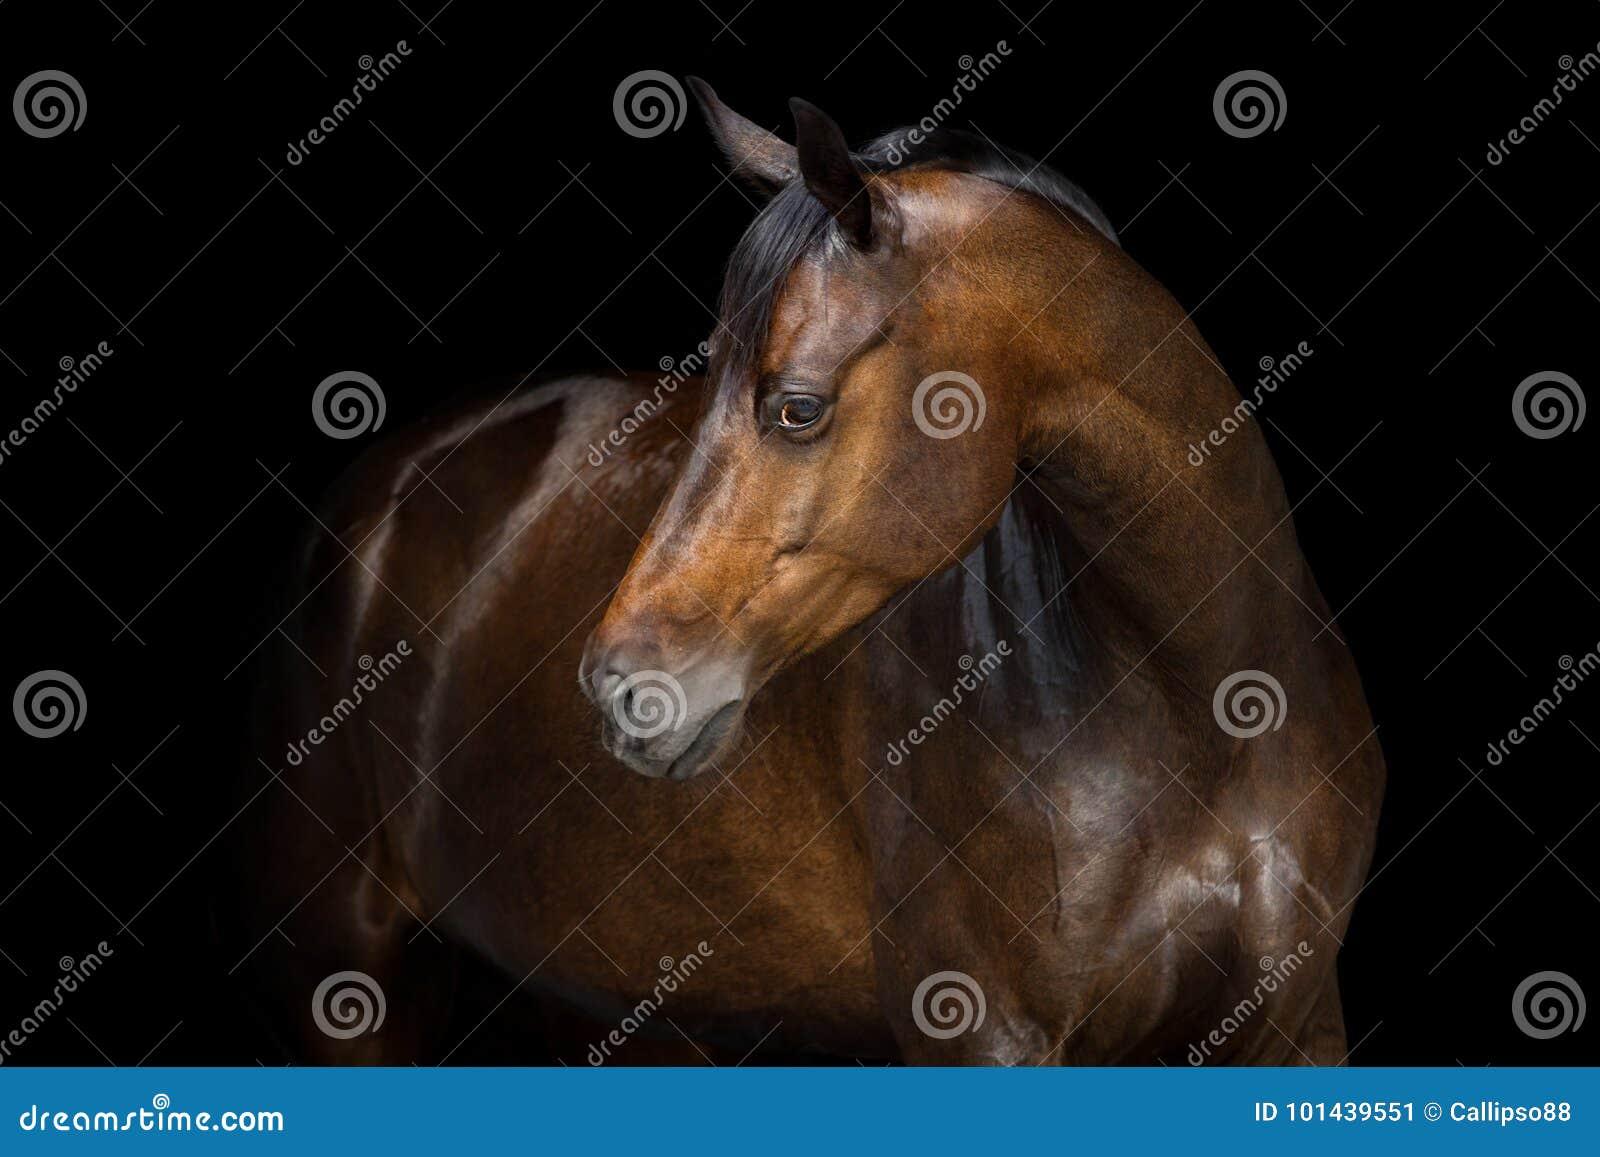 Pferdeportrait auf Schwarzem